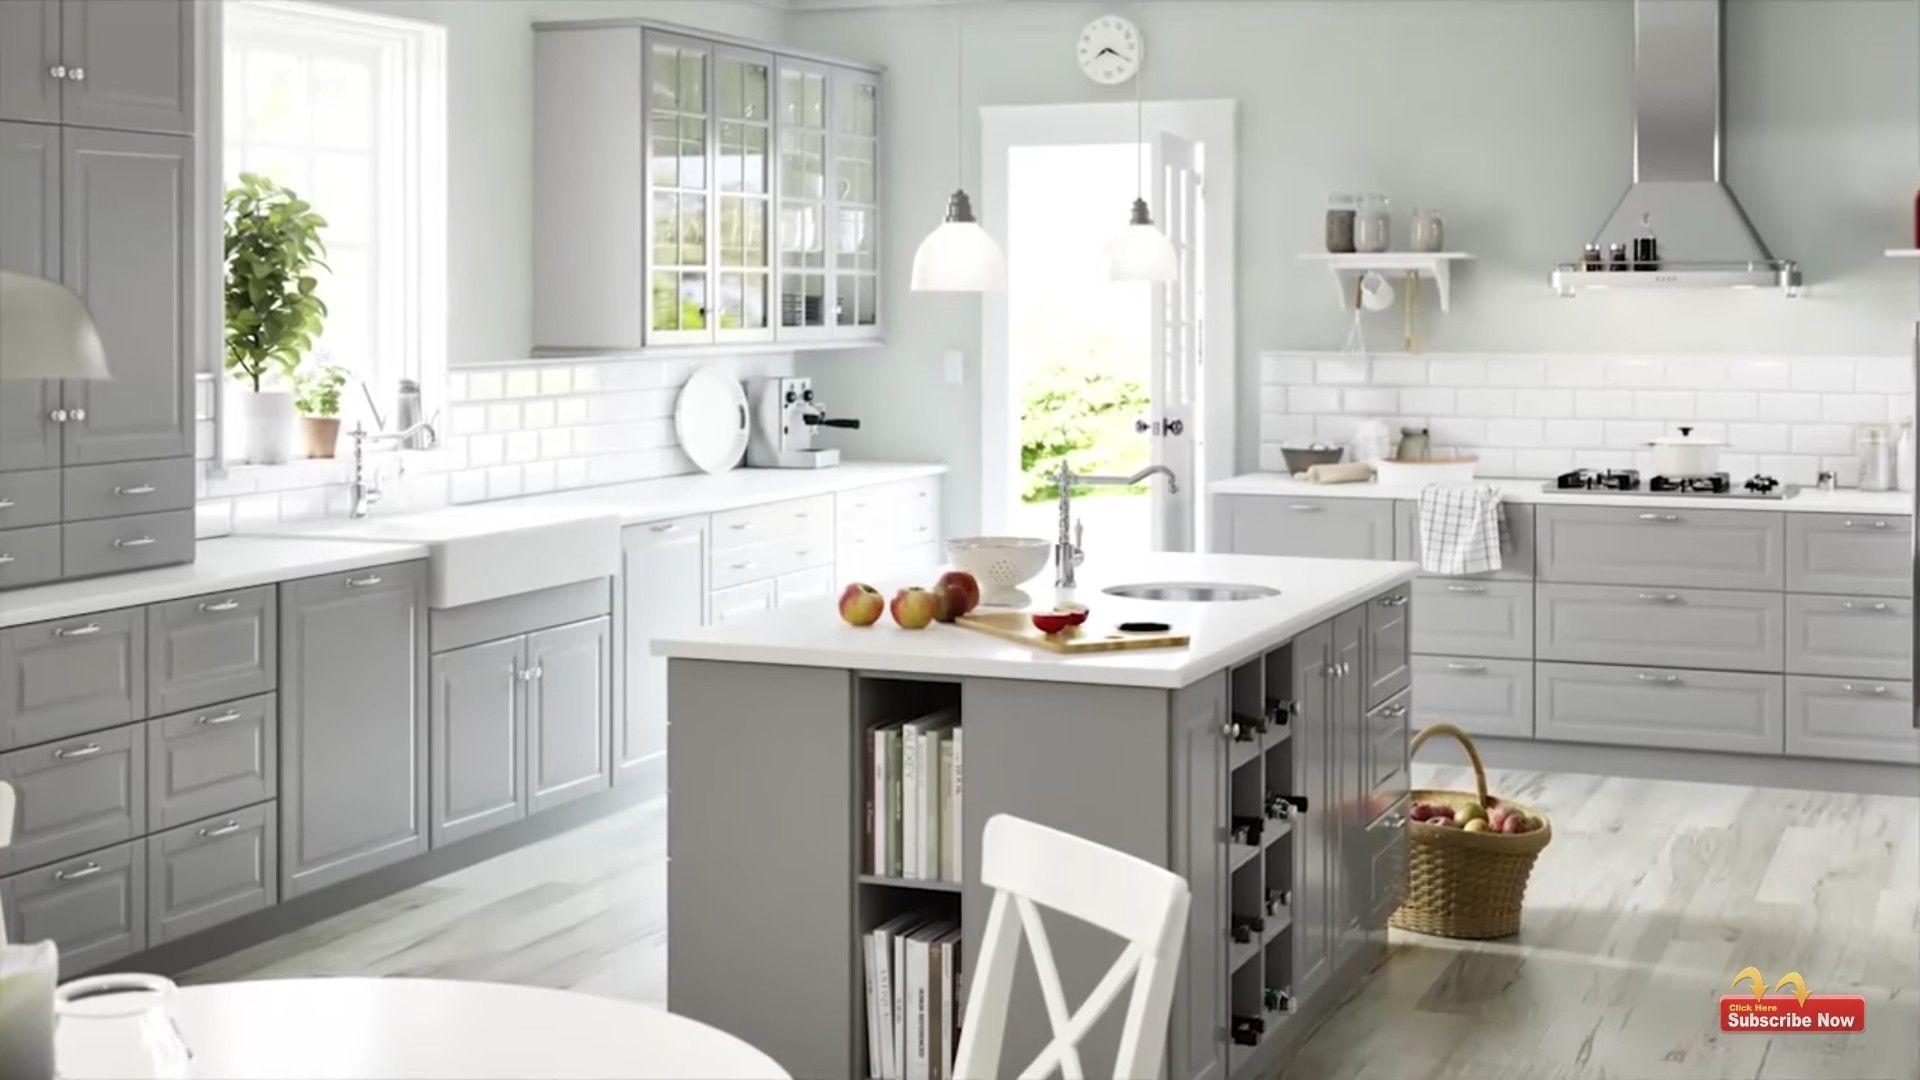 Epingle Par Sophettegb7 Sur Cuisine Cuisine Ikea Amenagement